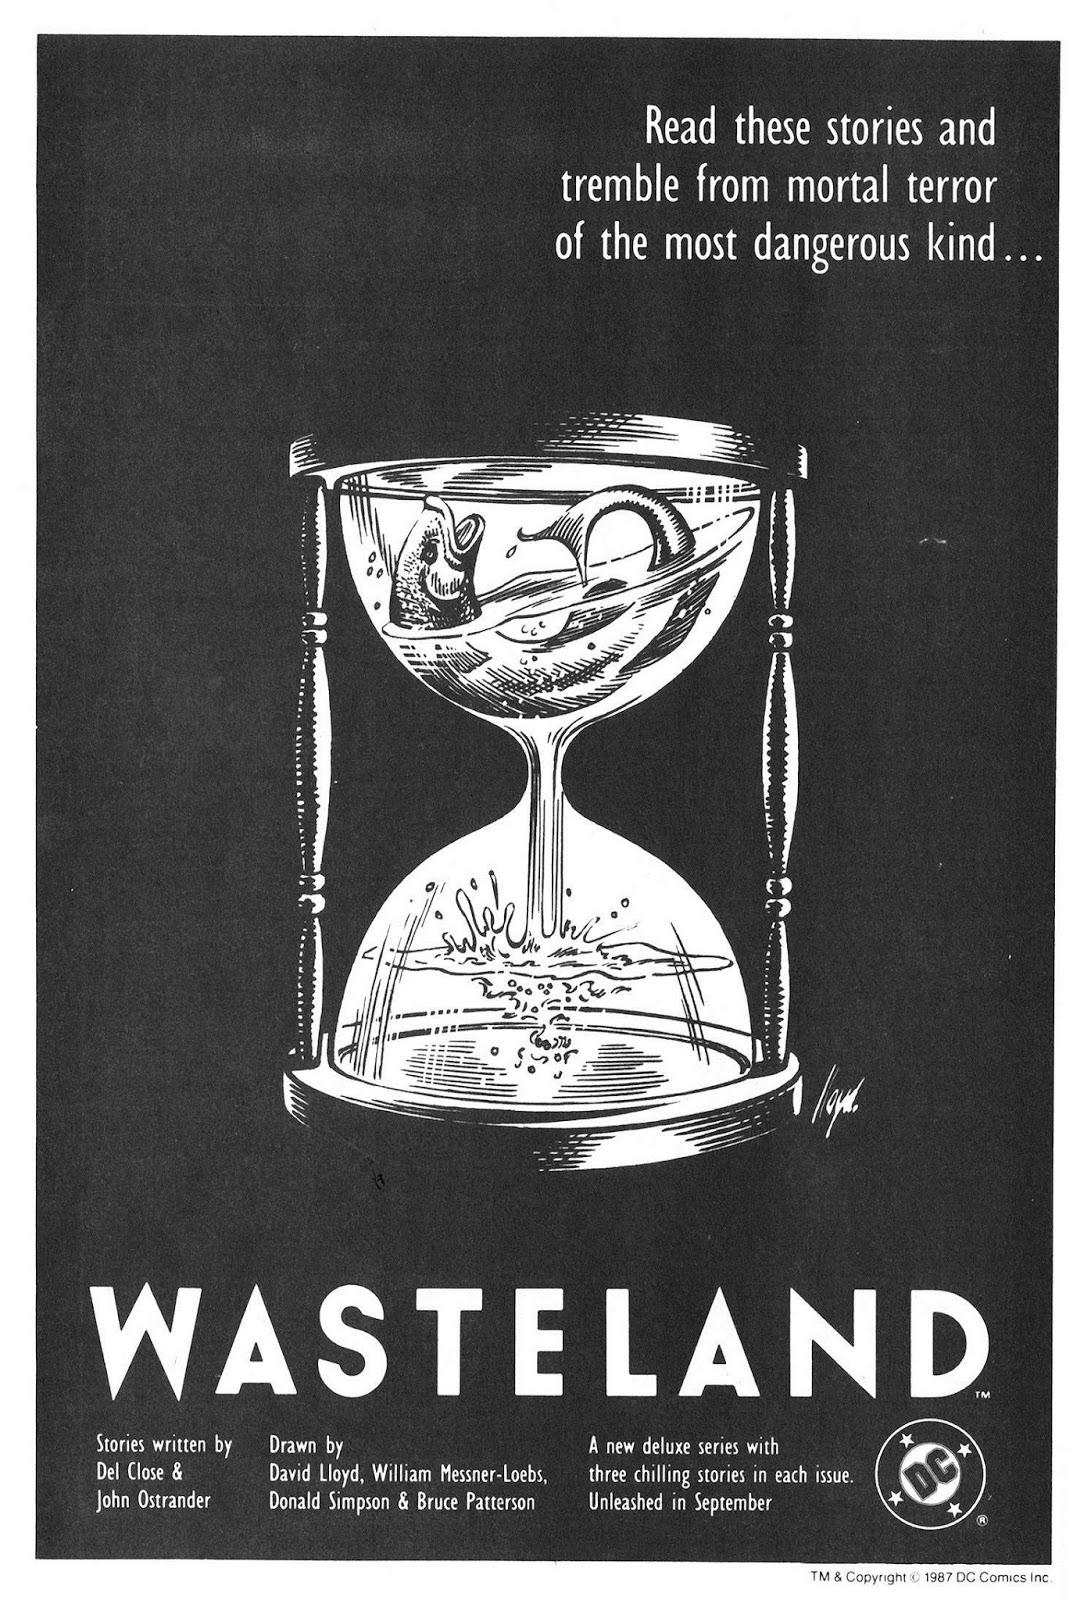 1987 - Wasteland Ad 002 AM125